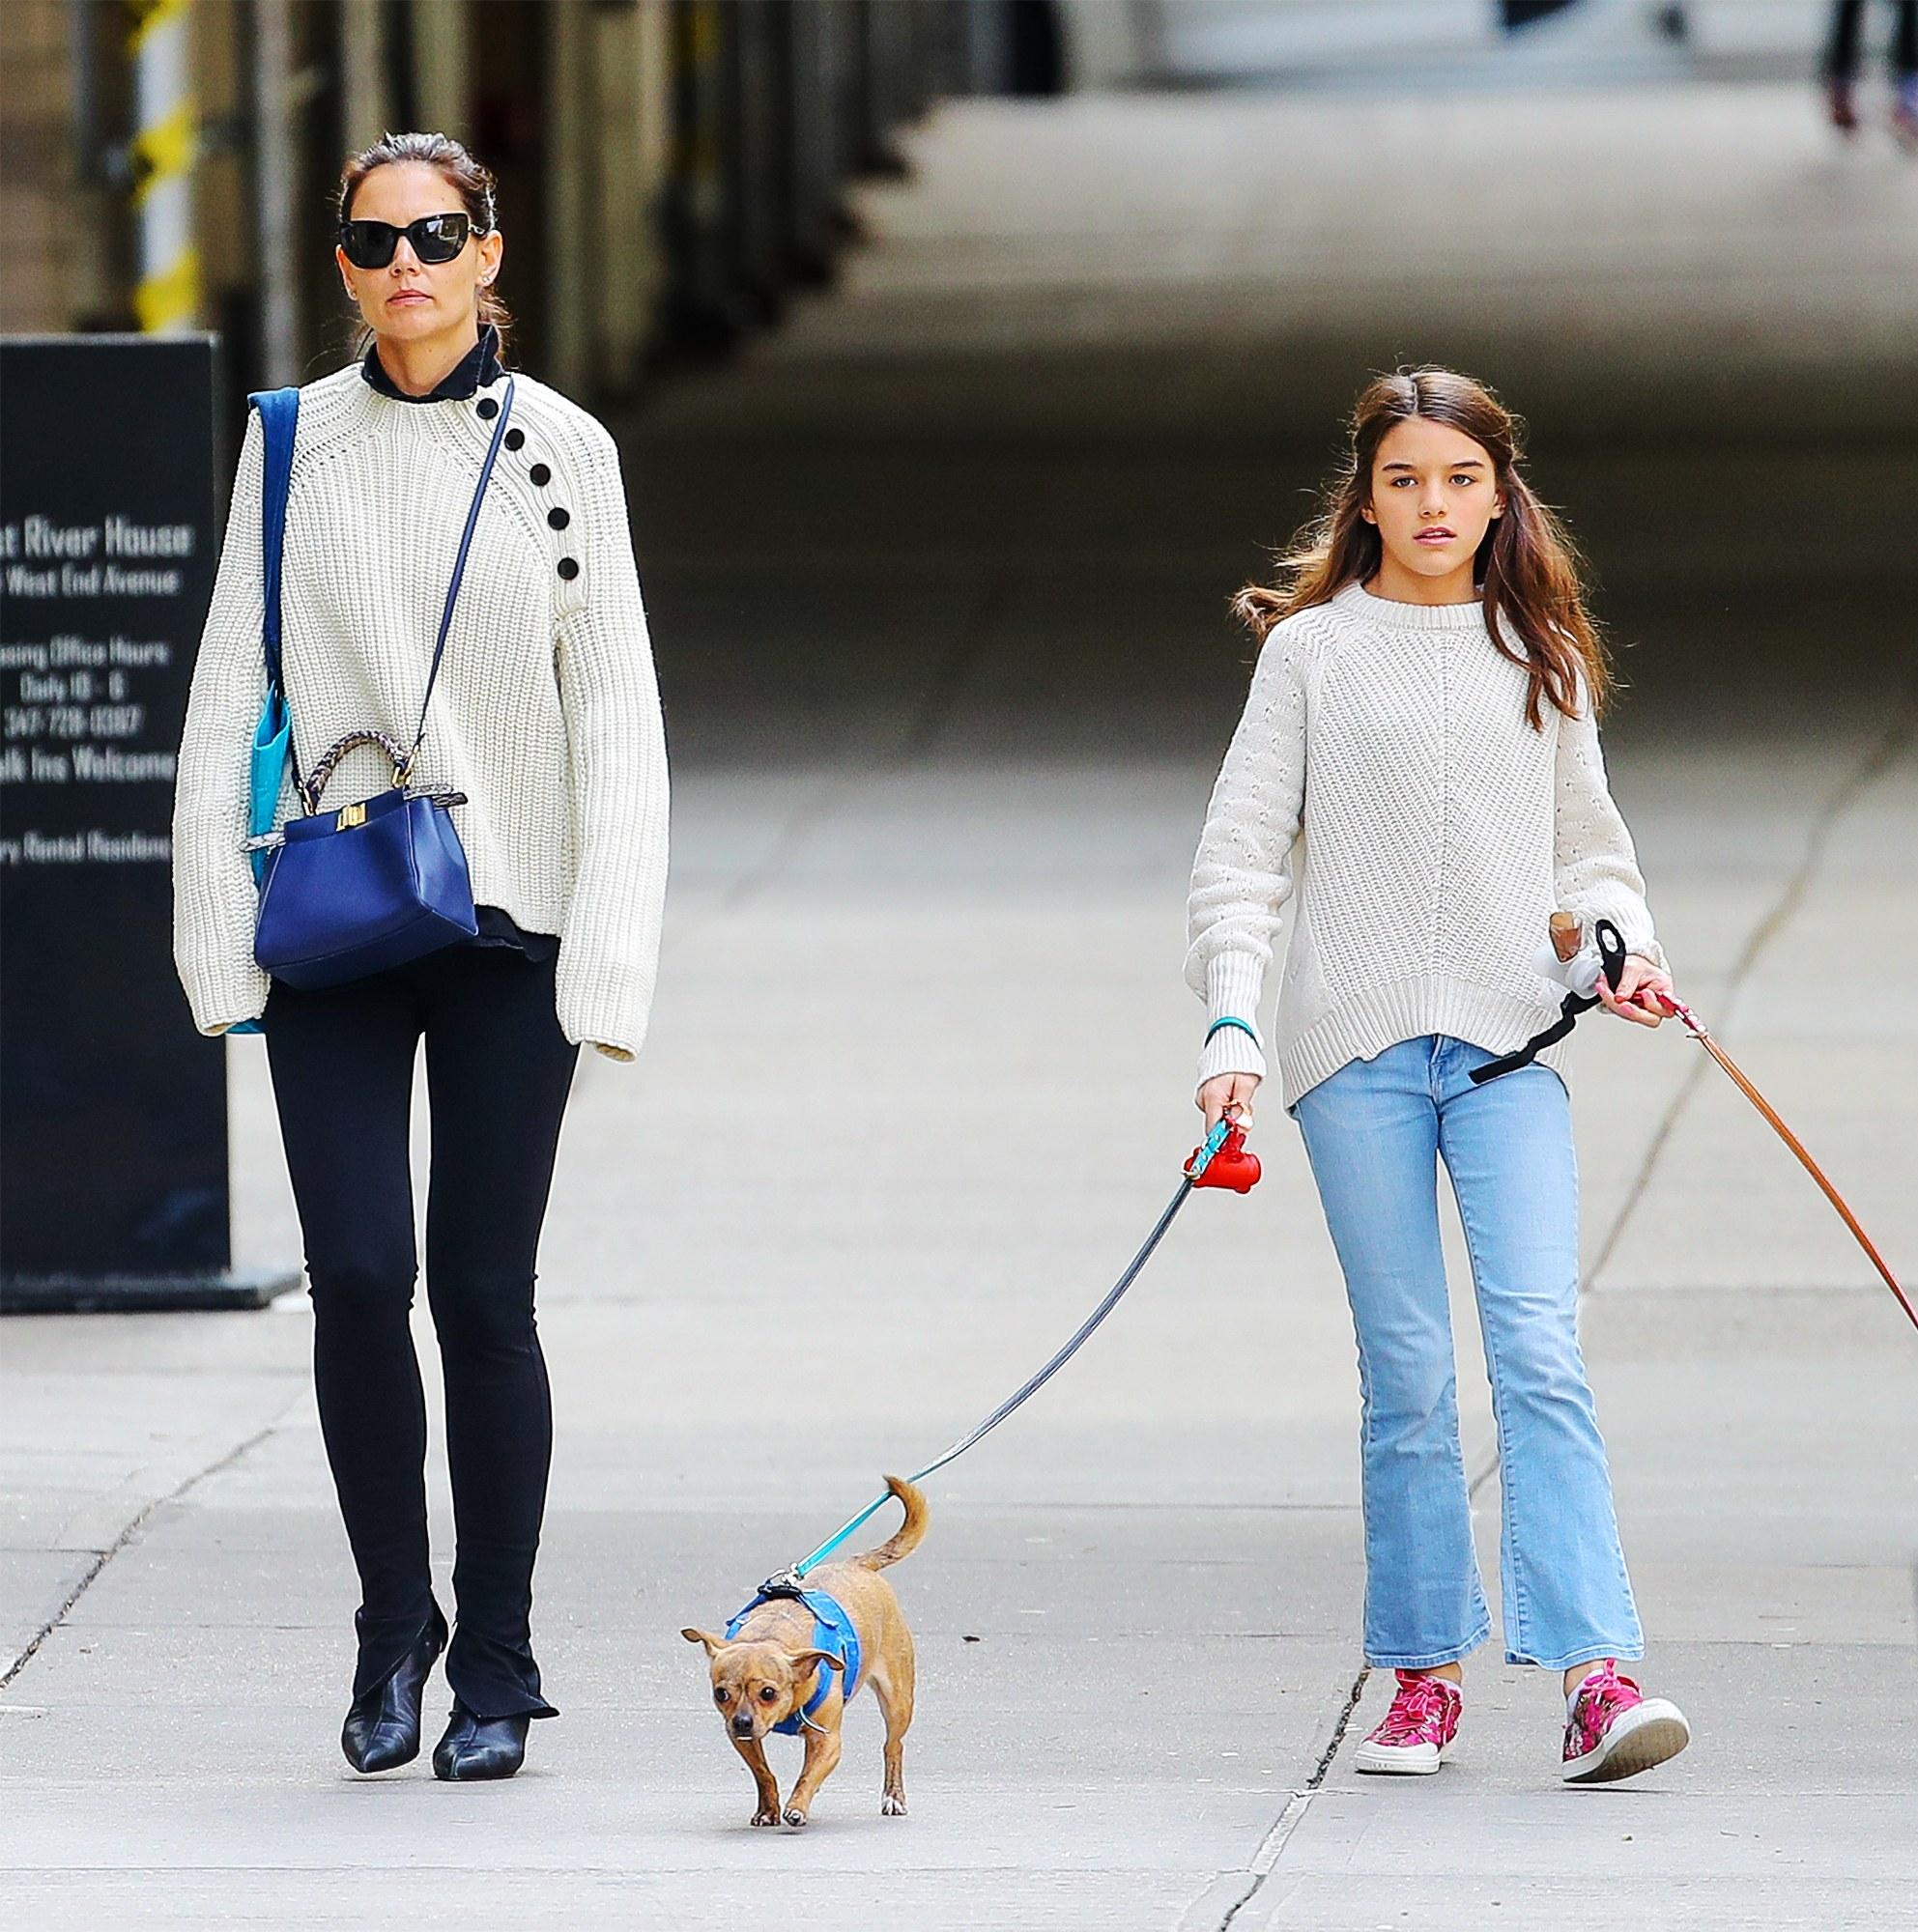 Katie và Suri diện áo len và quần jeans